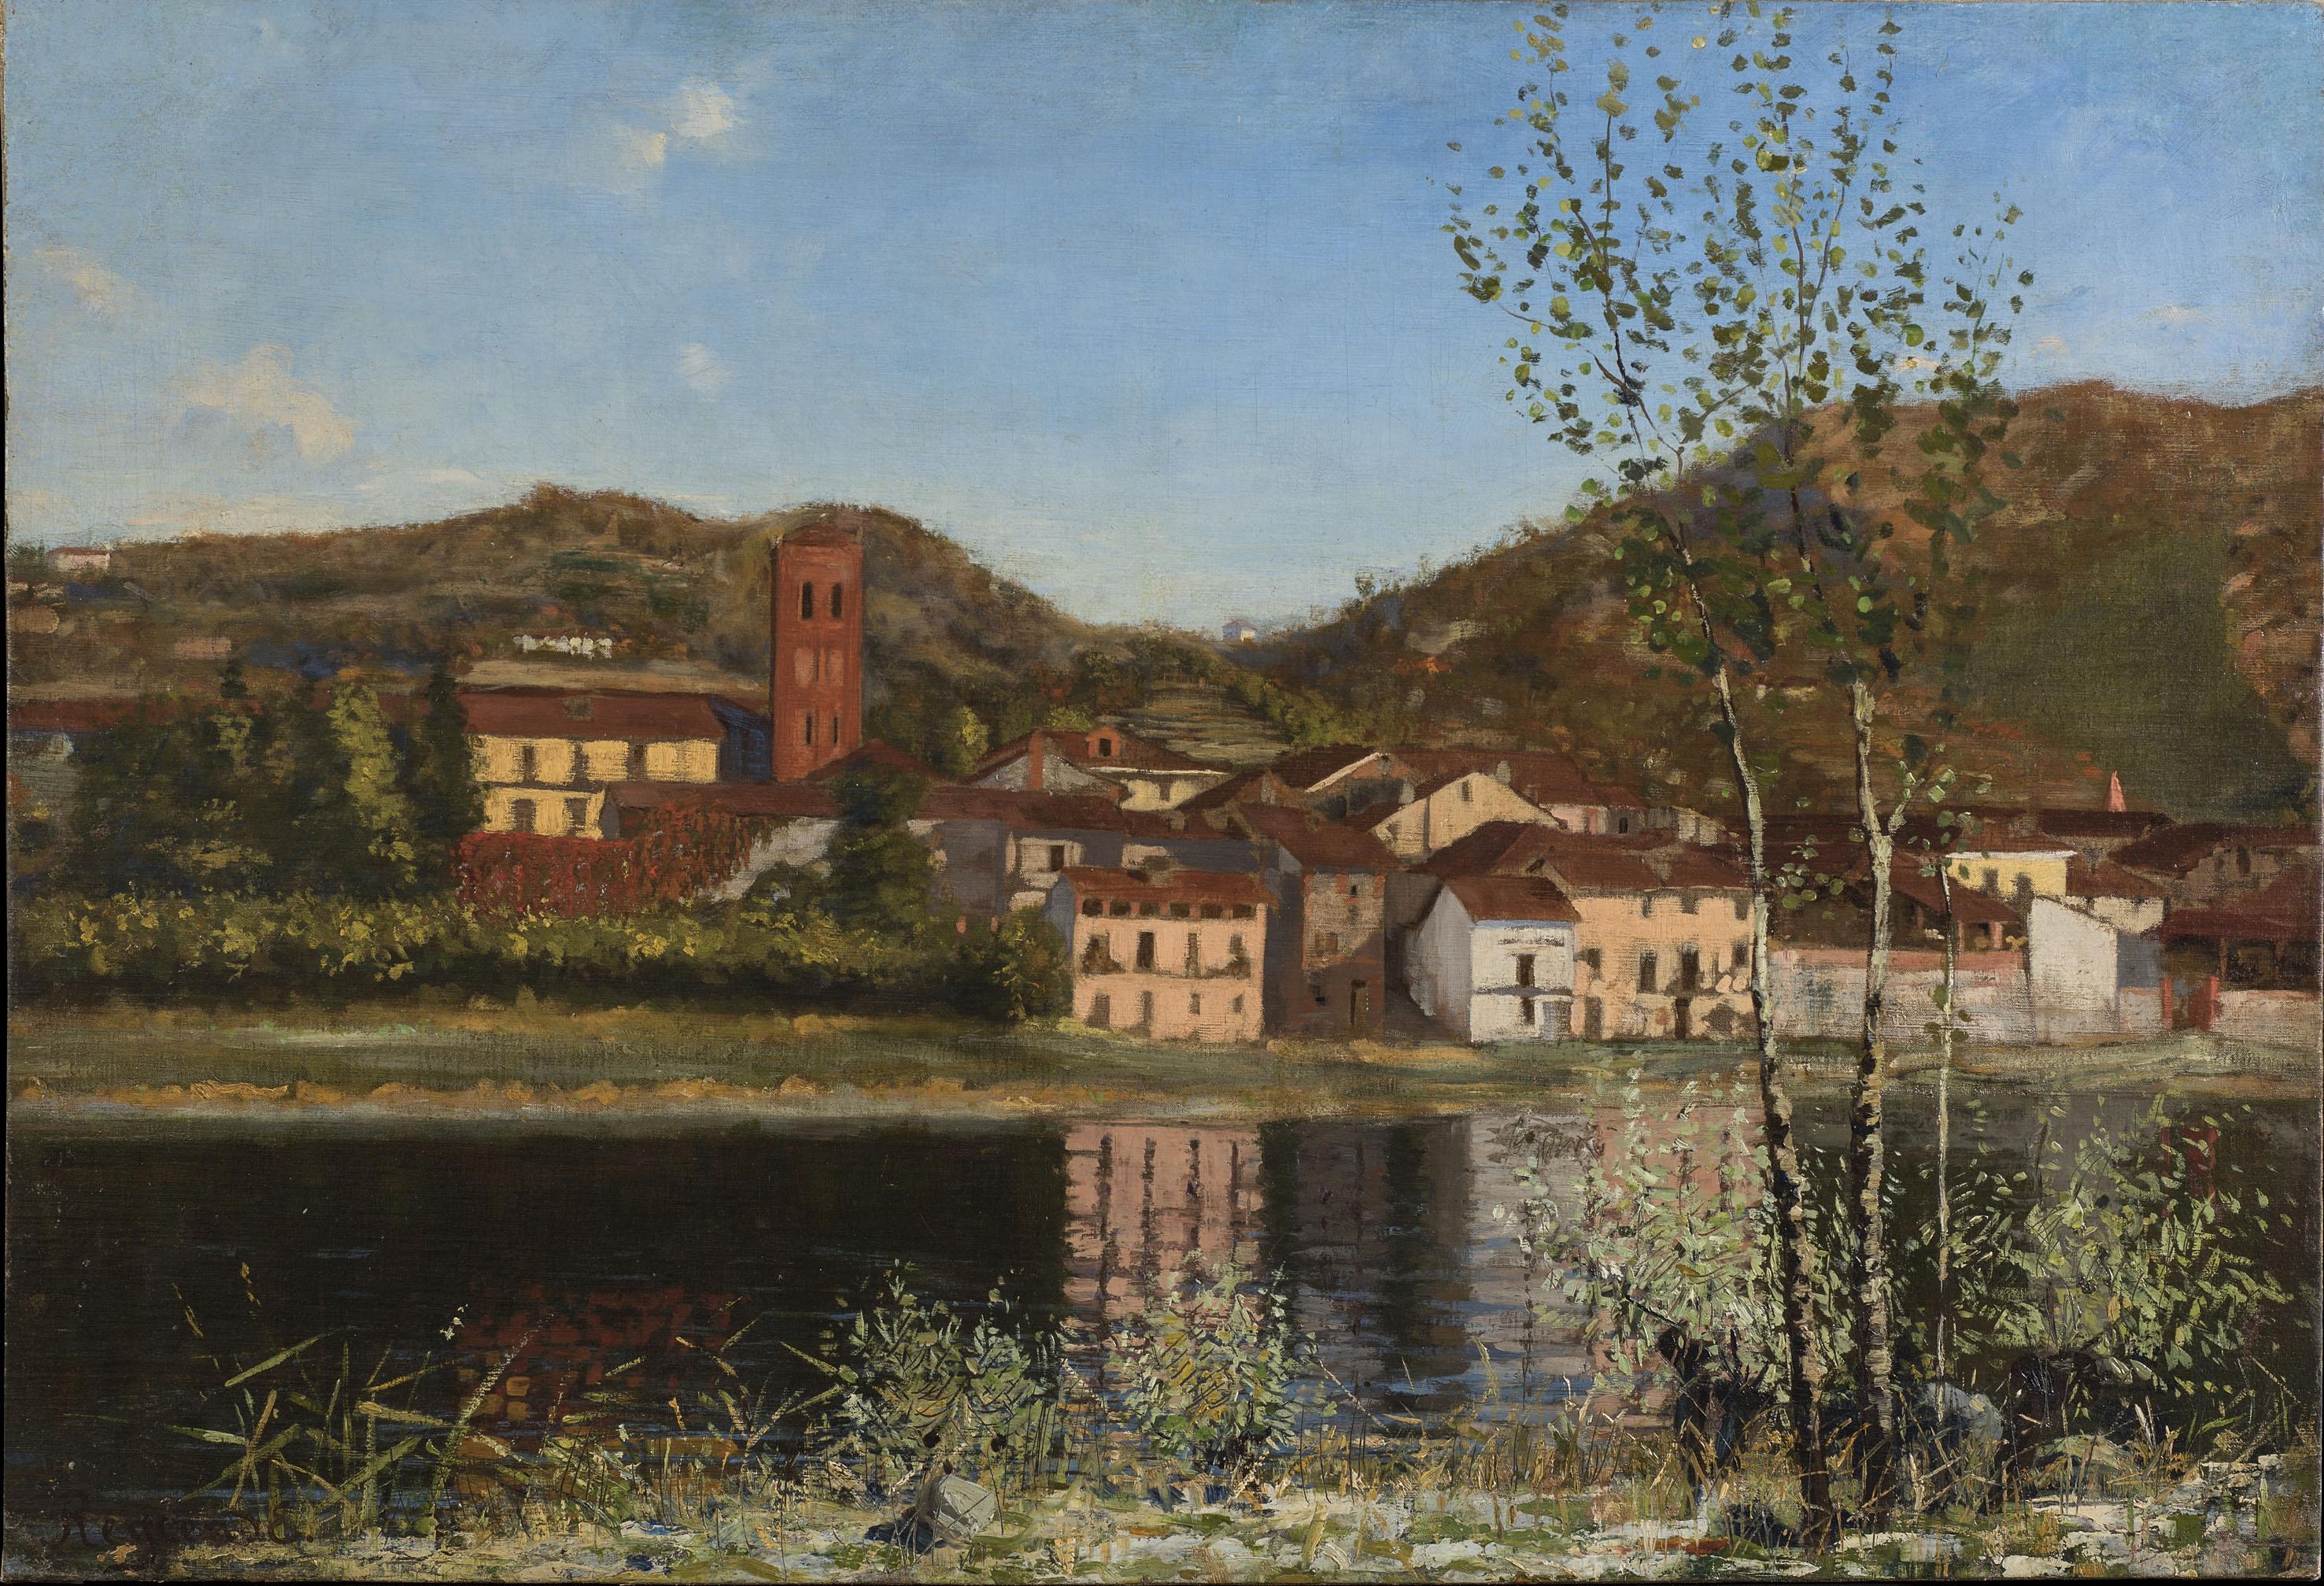 Mostra Enrico Reycend by Anice